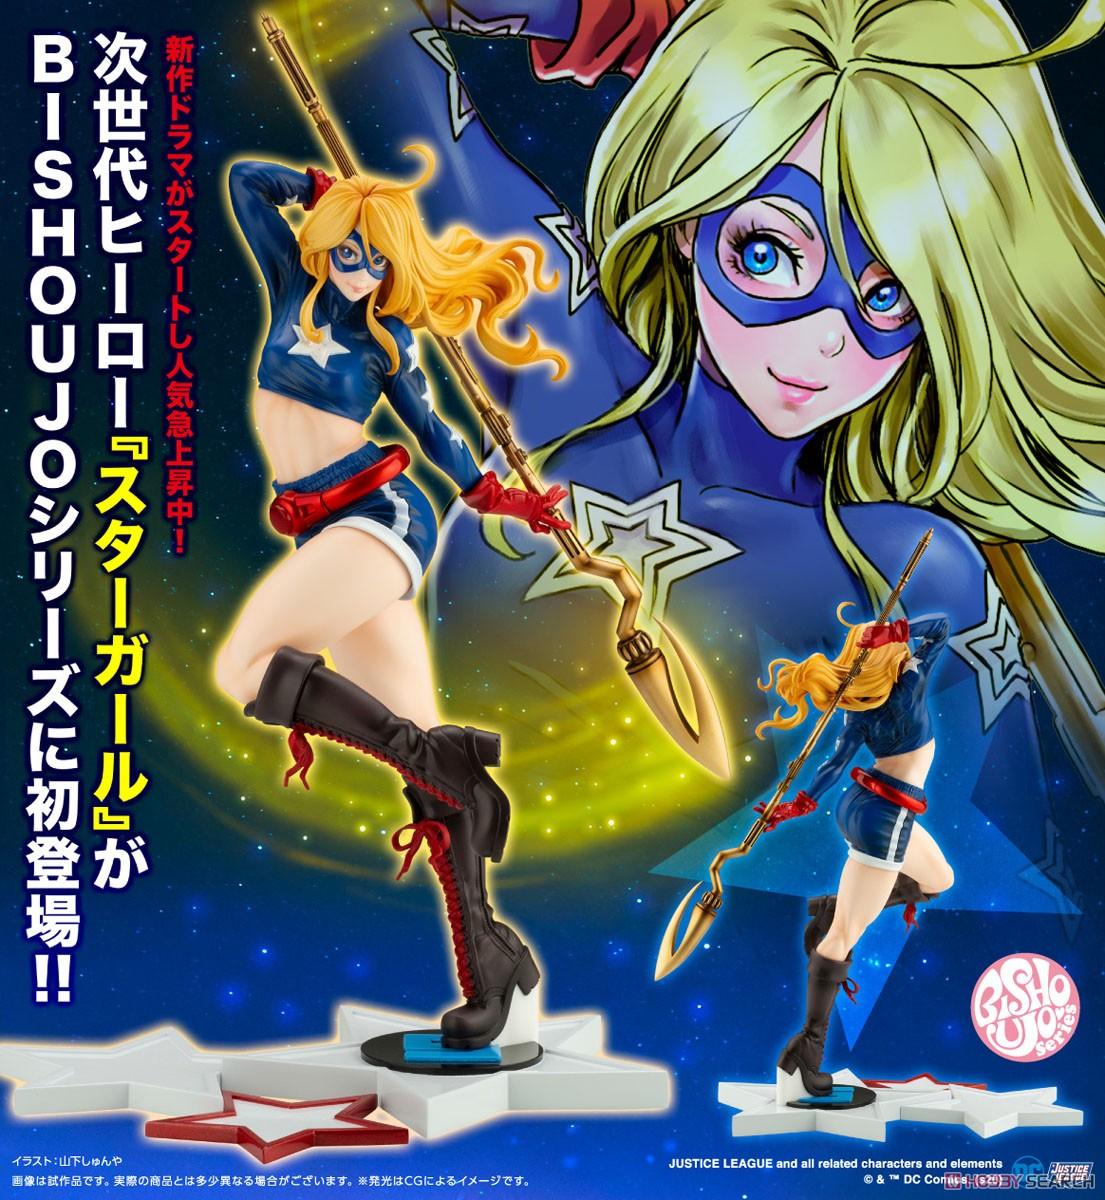 DC COMICS美少女『スターガール』DC UNIVERSE 1/7 完成品フィギュア-015